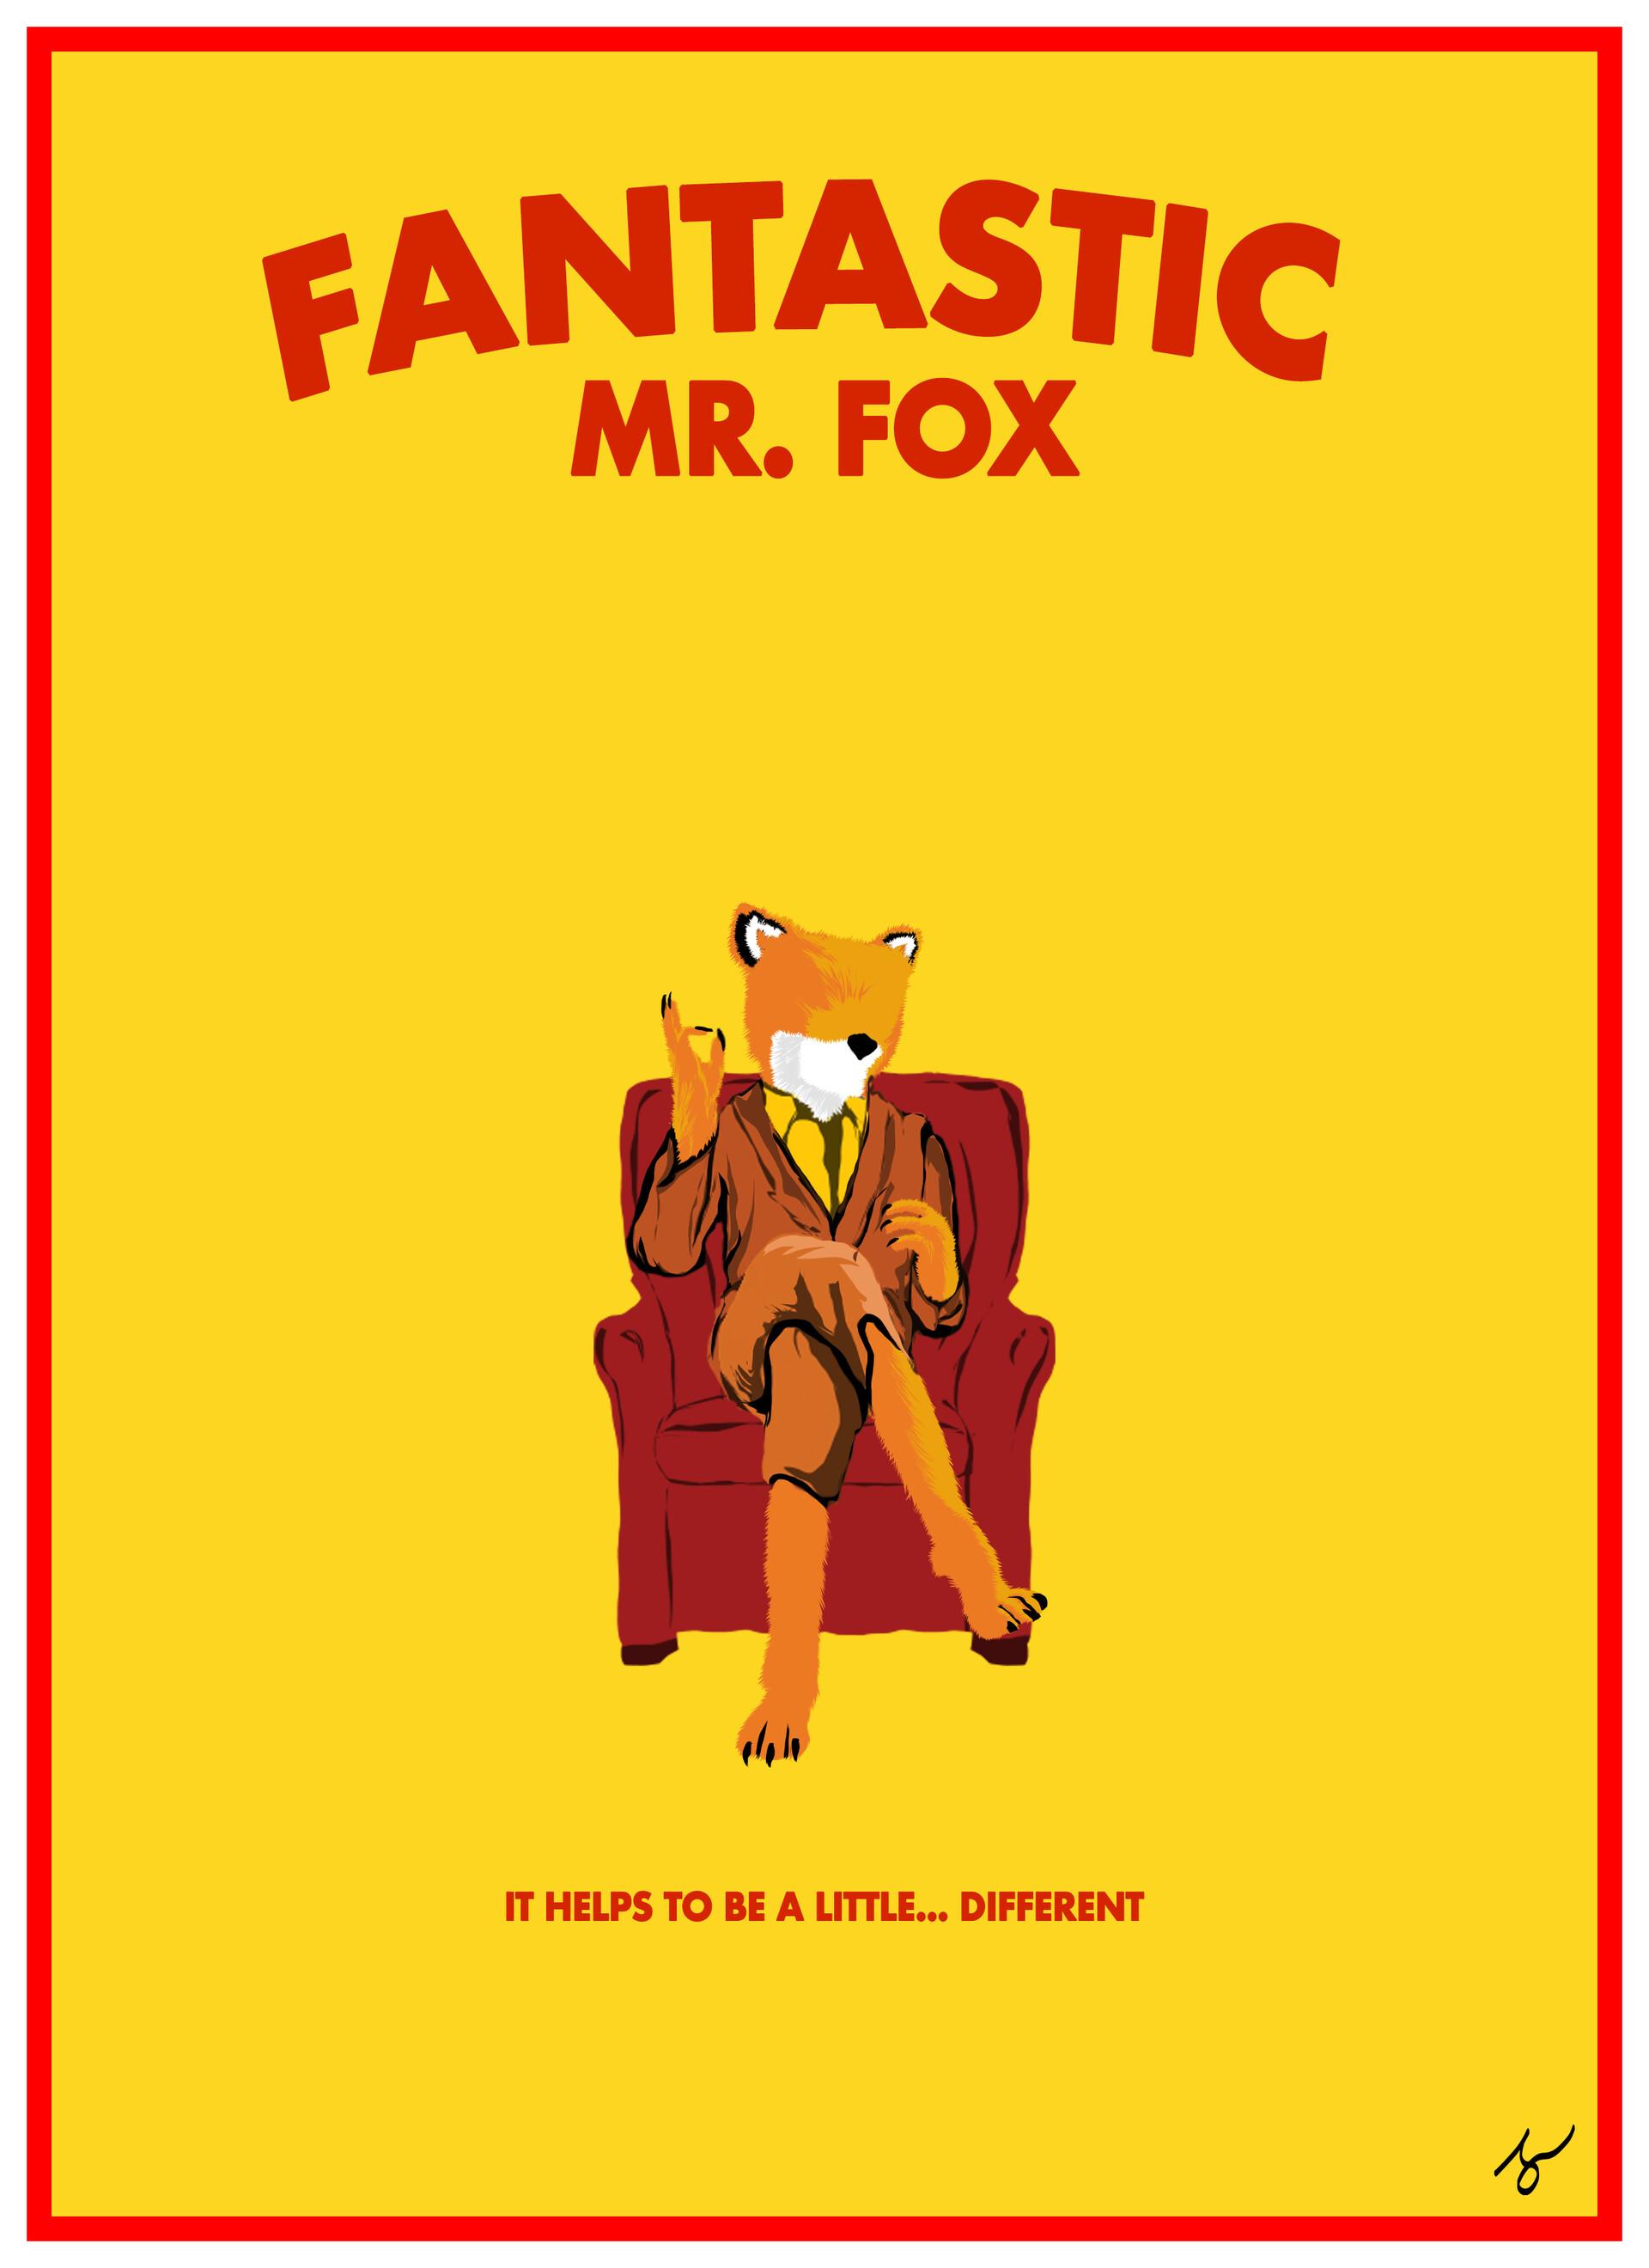 Artstation Fantastic Mr Fox Fan Poster Christian Medina